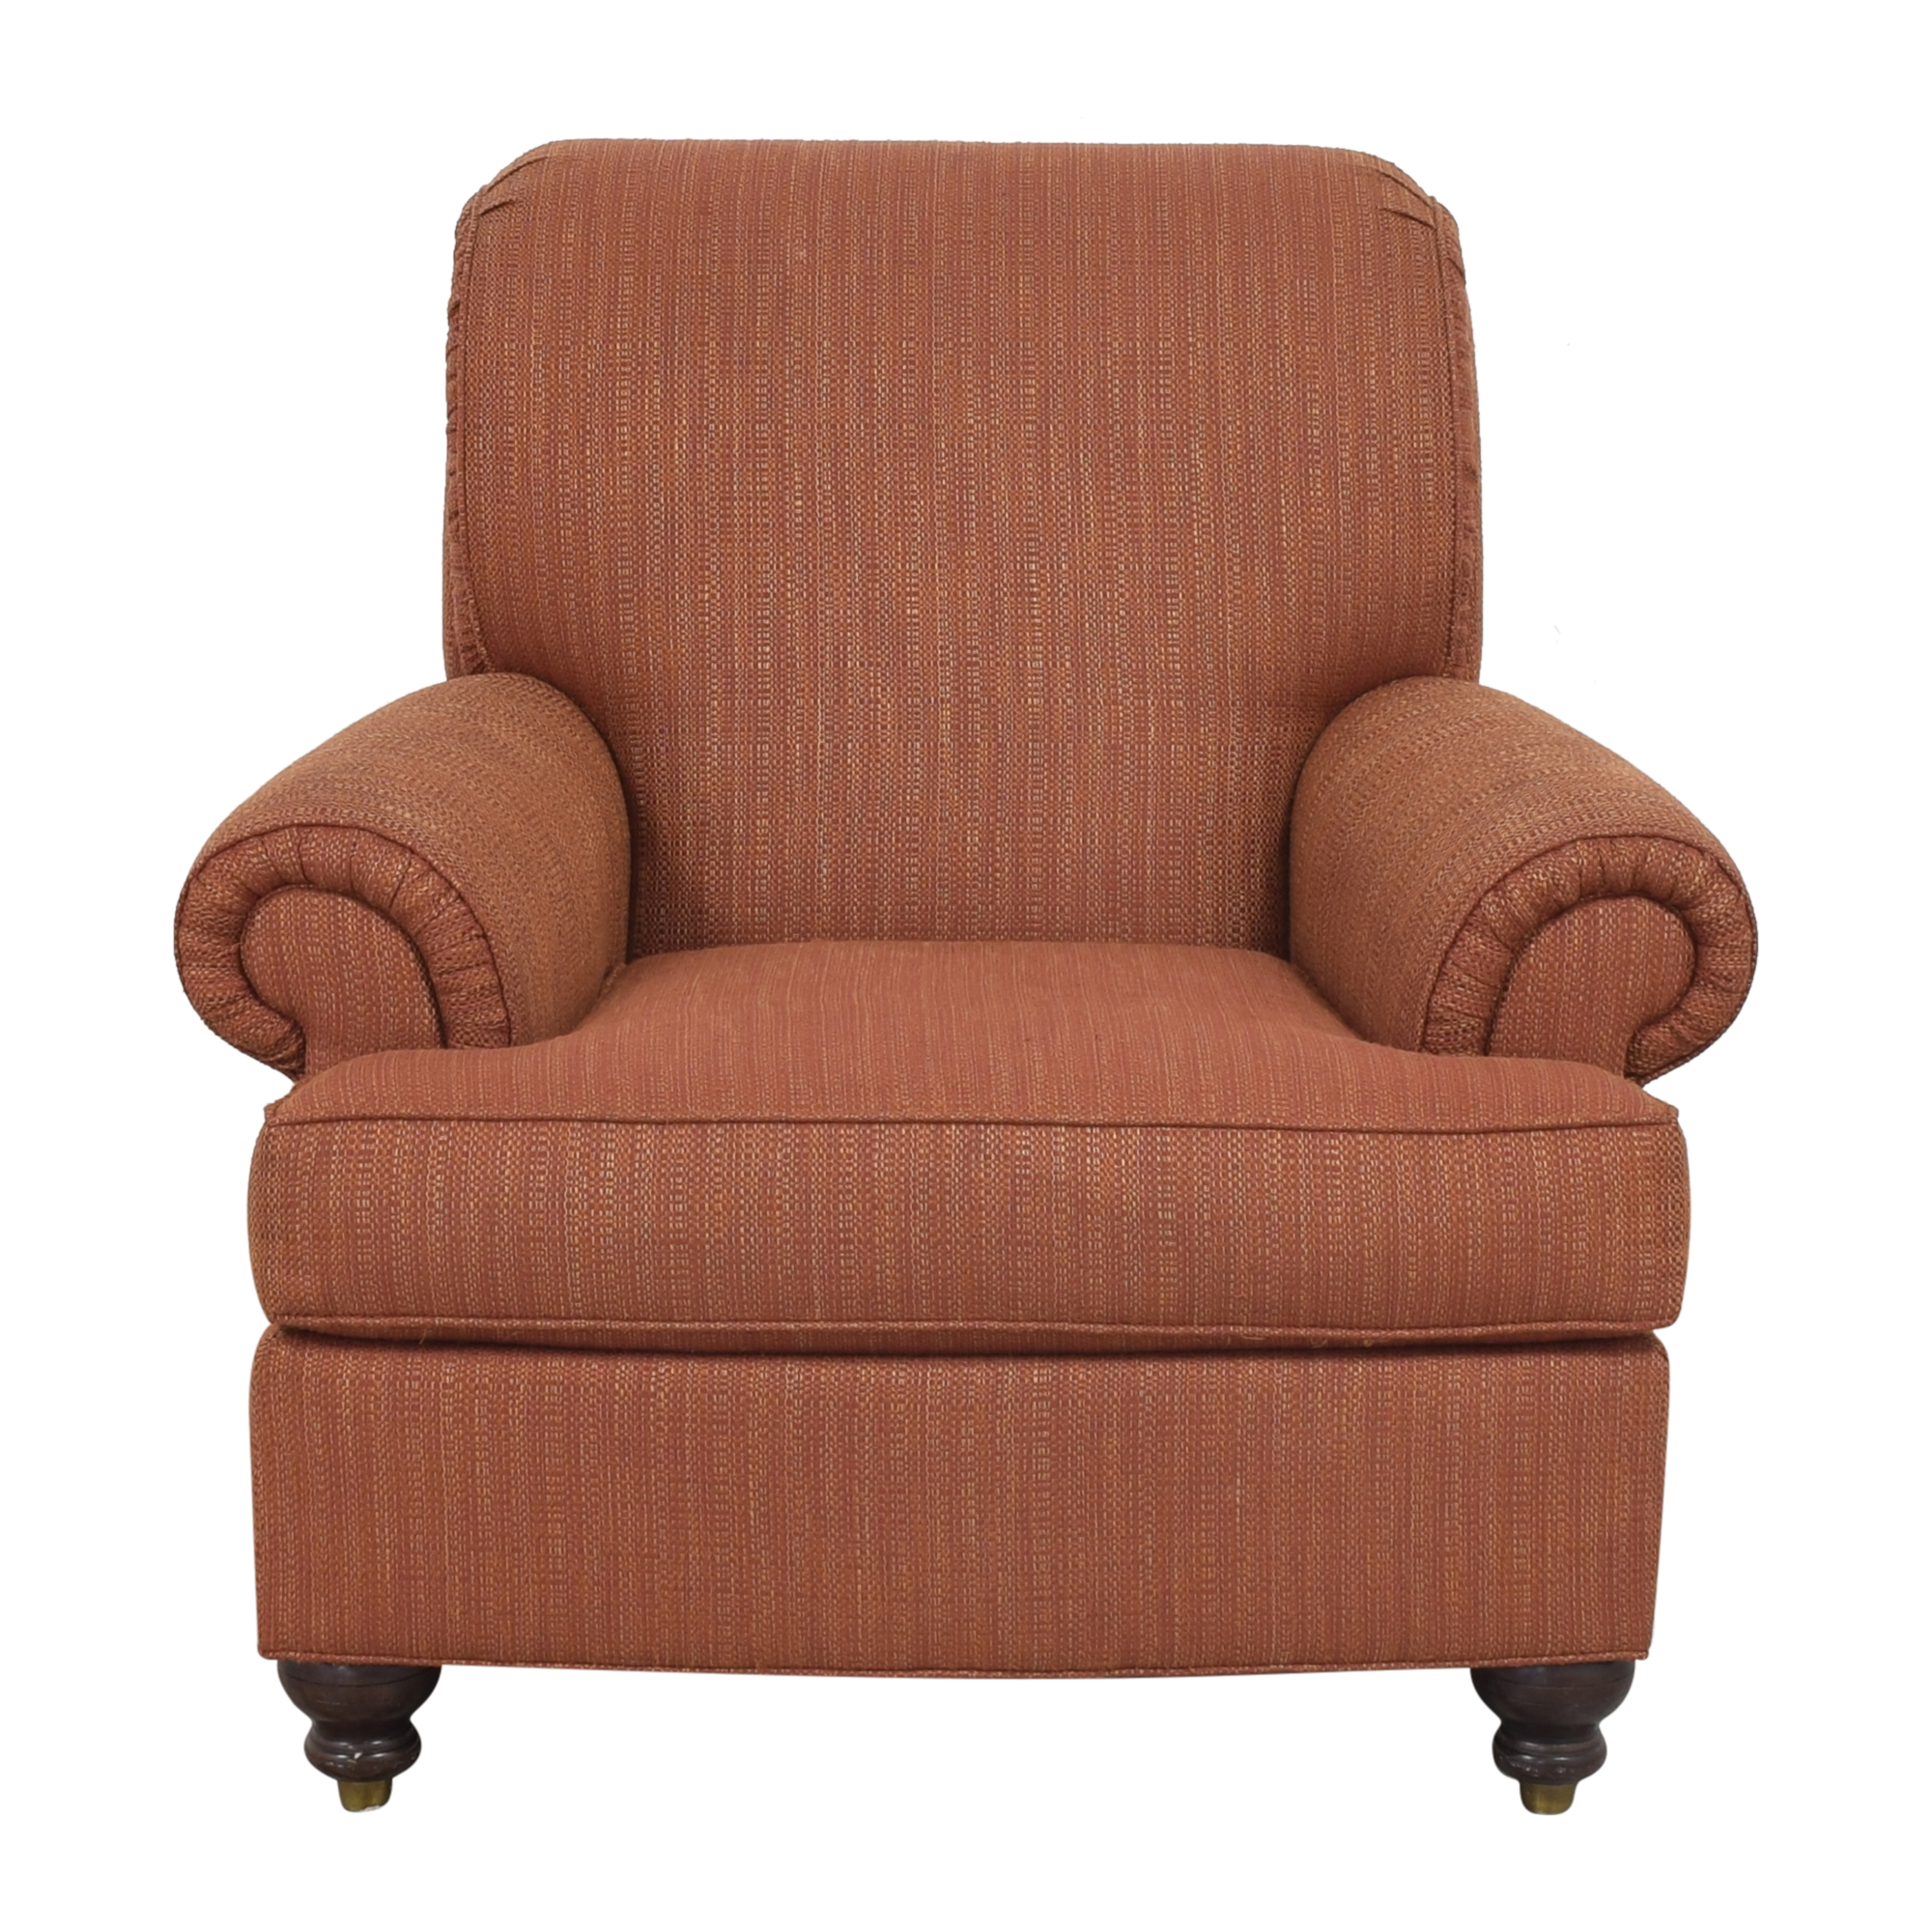 Ethan Allen Ethan Allen Accent Chair discount